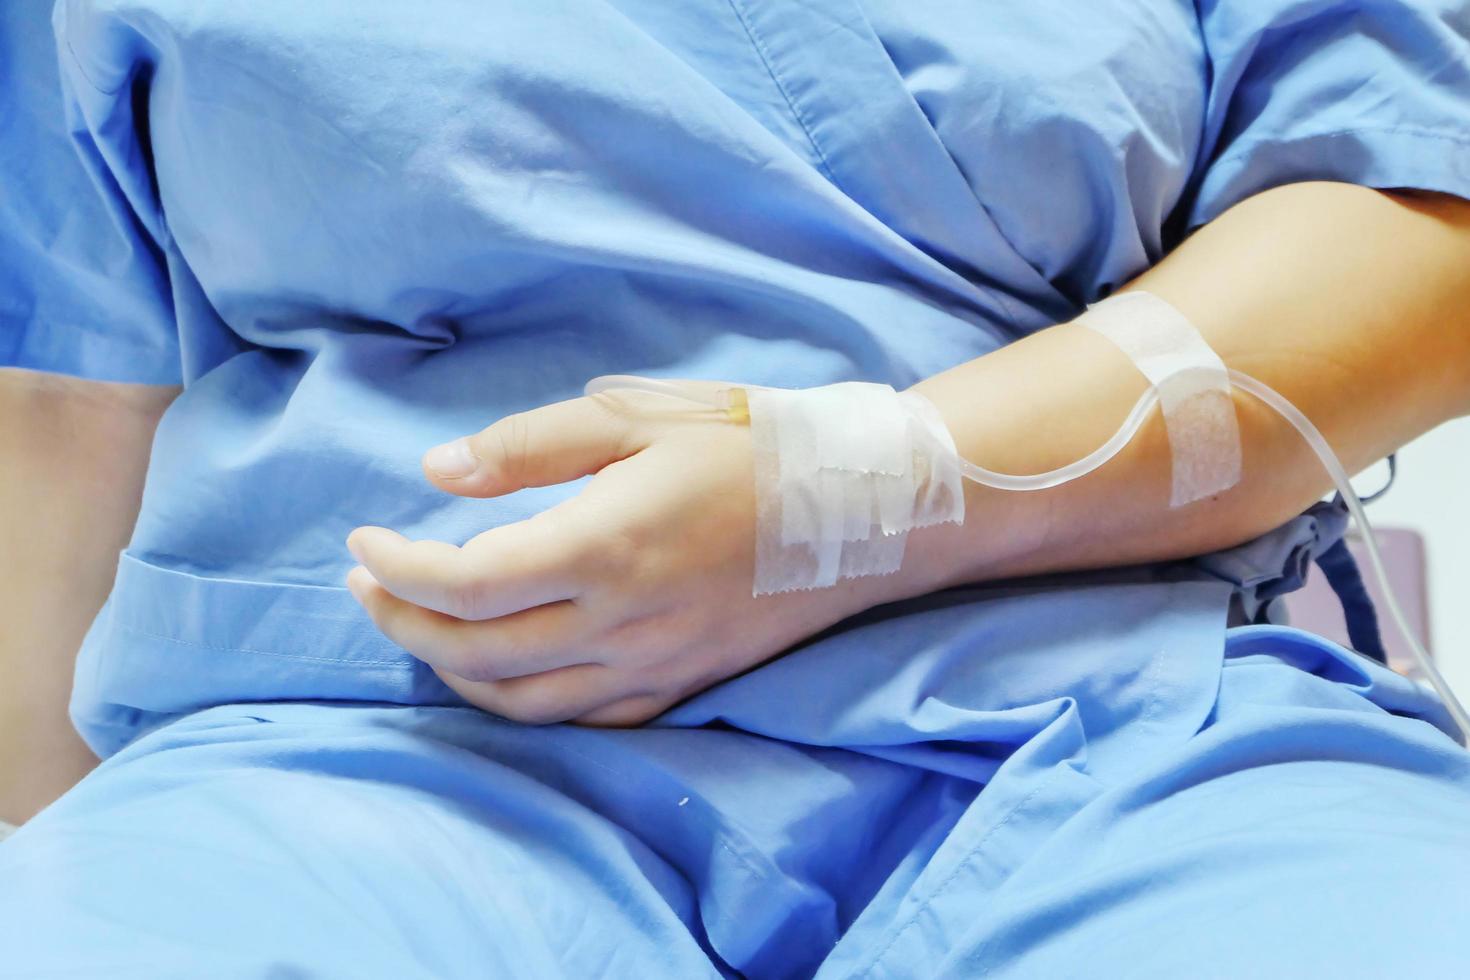 närbild saltlösning iv dropp för patienten på sjukhuset. foto